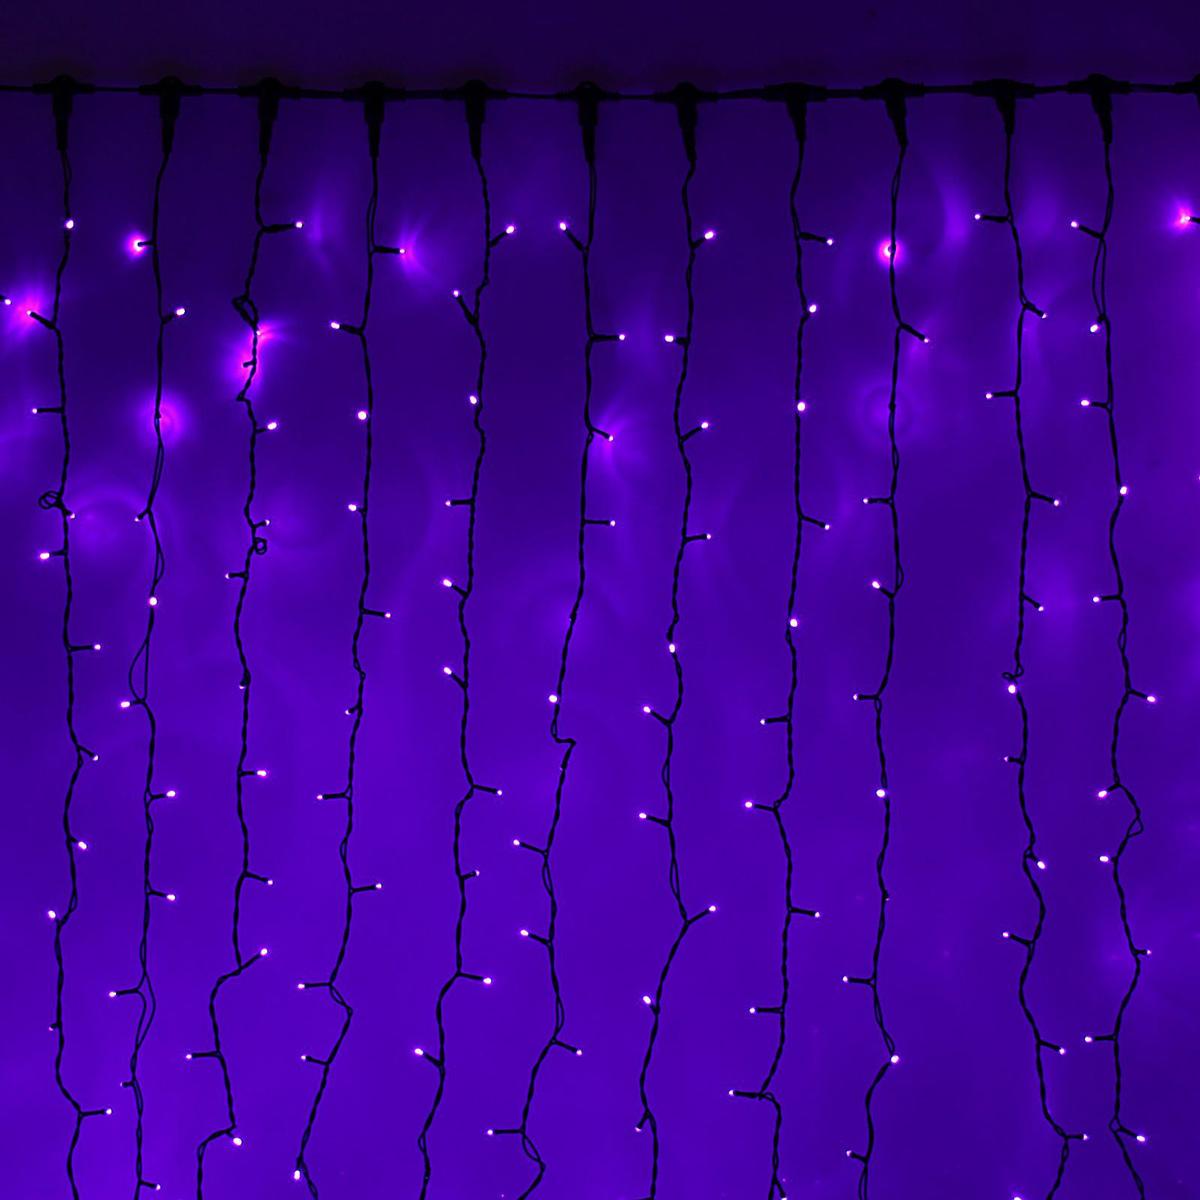 Гирлянда светодиодная Luazon Занавес, цвет: фиолетовый, уличная, 1440 ламп, 220 V, 2 х 6 м. 10802841080284Светодиодные гирлянды и ленты — это отличный вариант для новогоднего оформления интерьера или фасада. С их помощью помещение любого размера можно превратить в праздничный зал, а внешние элементы зданий, украшенные ими, мгновенно станут напоминать очертания сказочного дворца. Такие украшения создают ауру предвкушения чуда. Деревья, фасады, витрины, окна и арки будто специально созданы, чтобы вы украсили их светящимися нитями.